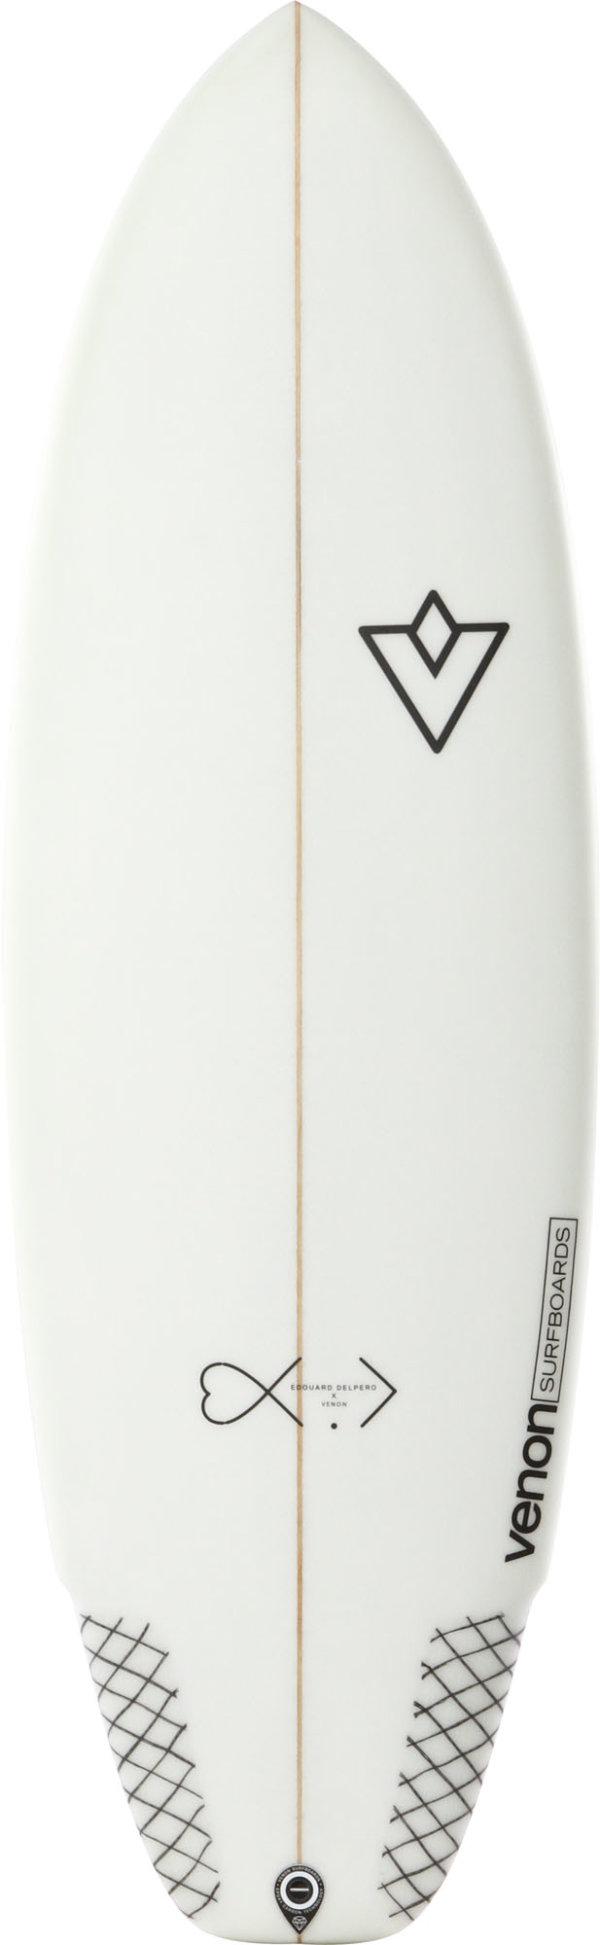 VENON EPOXY CARBON EDOUARD DELPERO 5´3´´ - Tablas de Surf